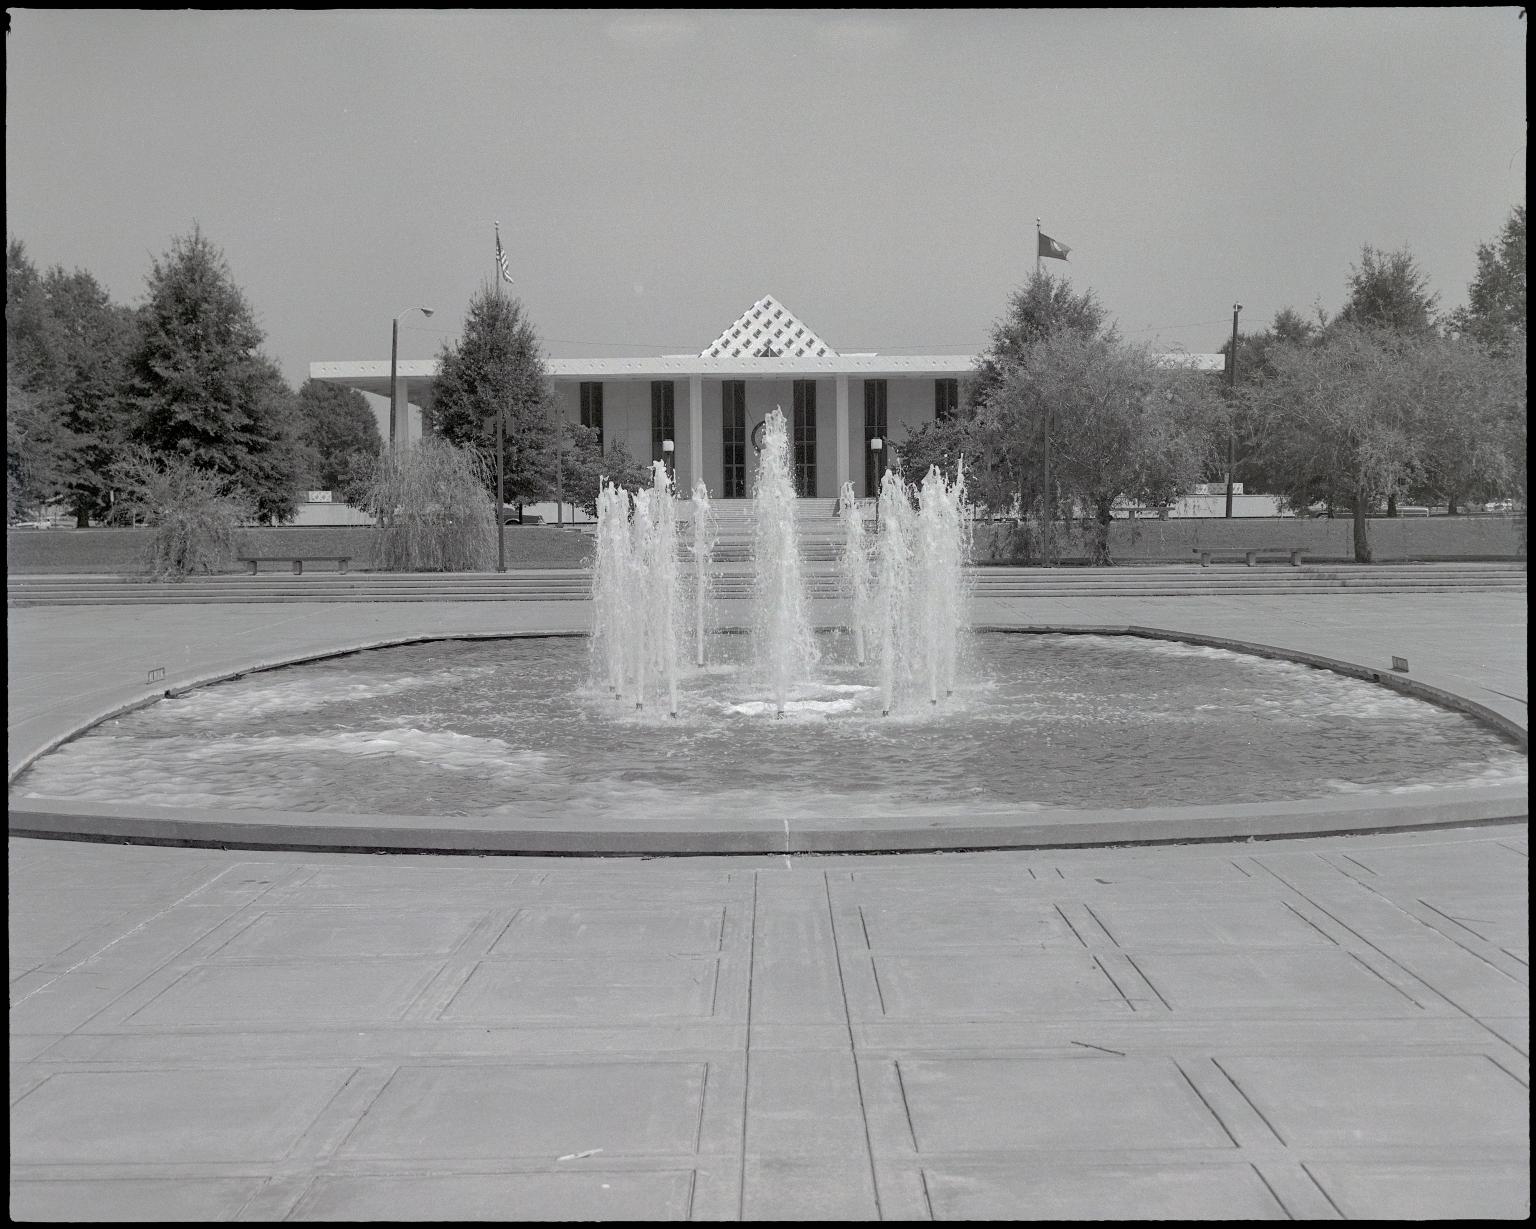 Dolly McNutt Fountain